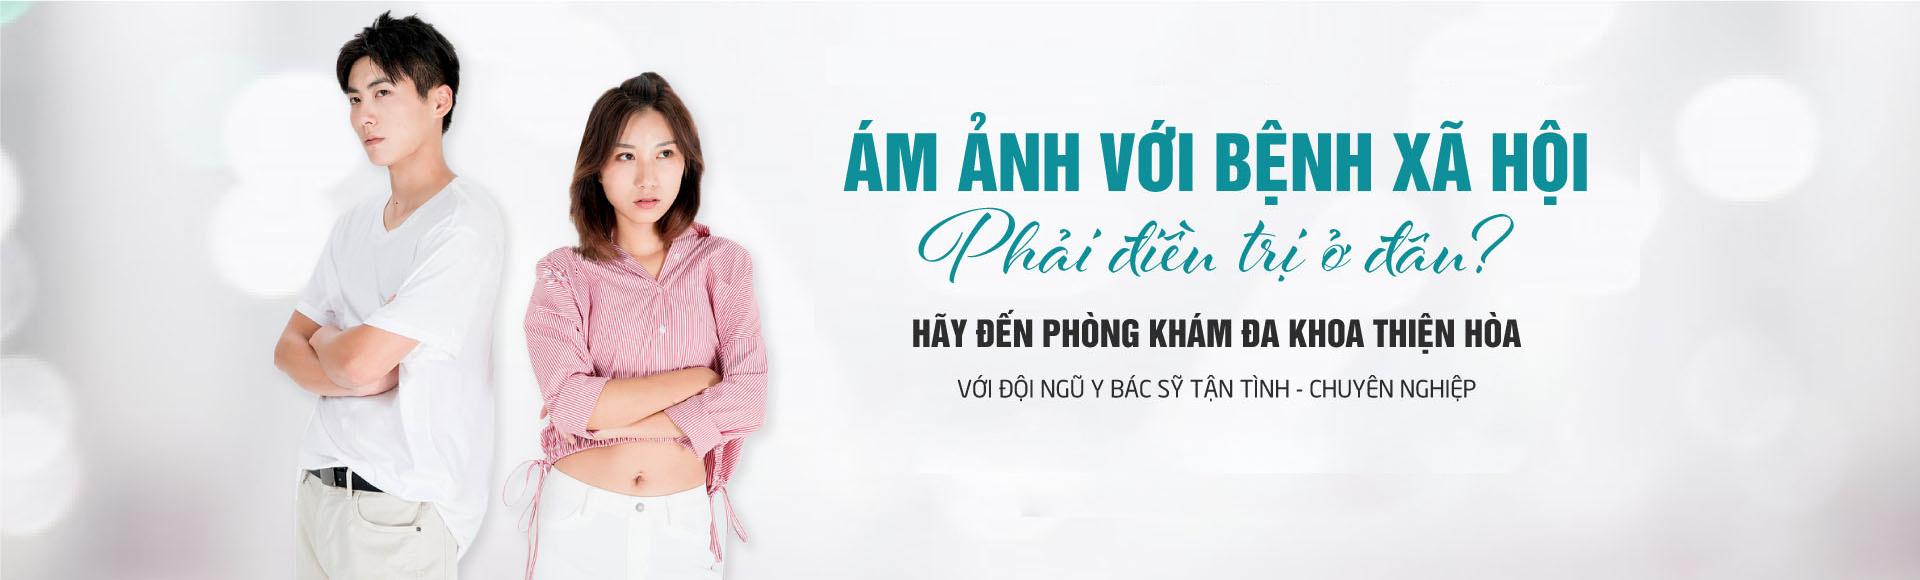 kham phu khoa